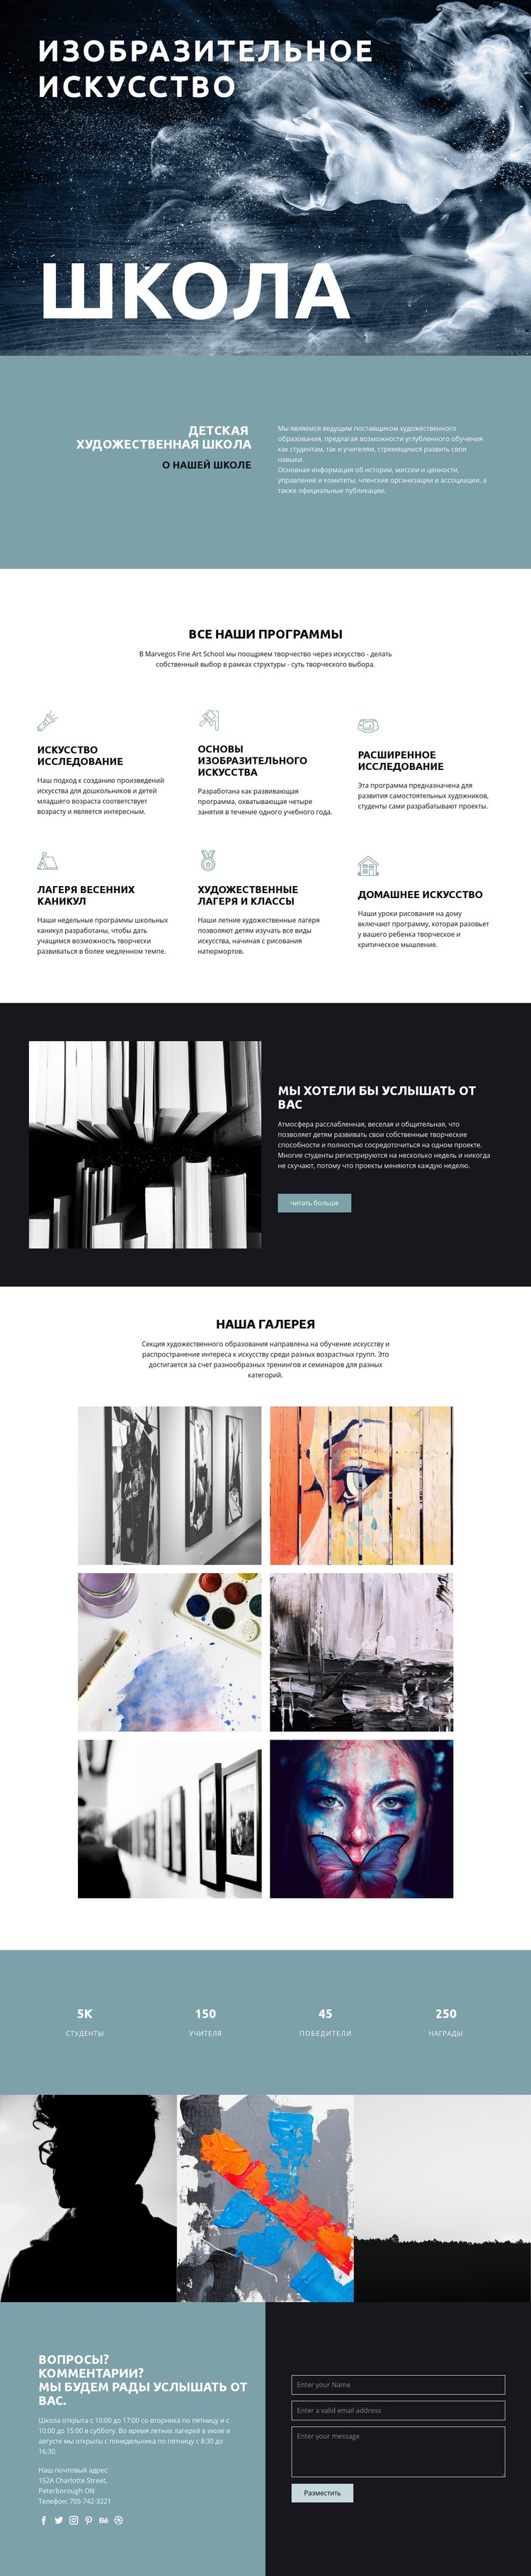 Школа художественного воспитания Шаблон веб-сайта